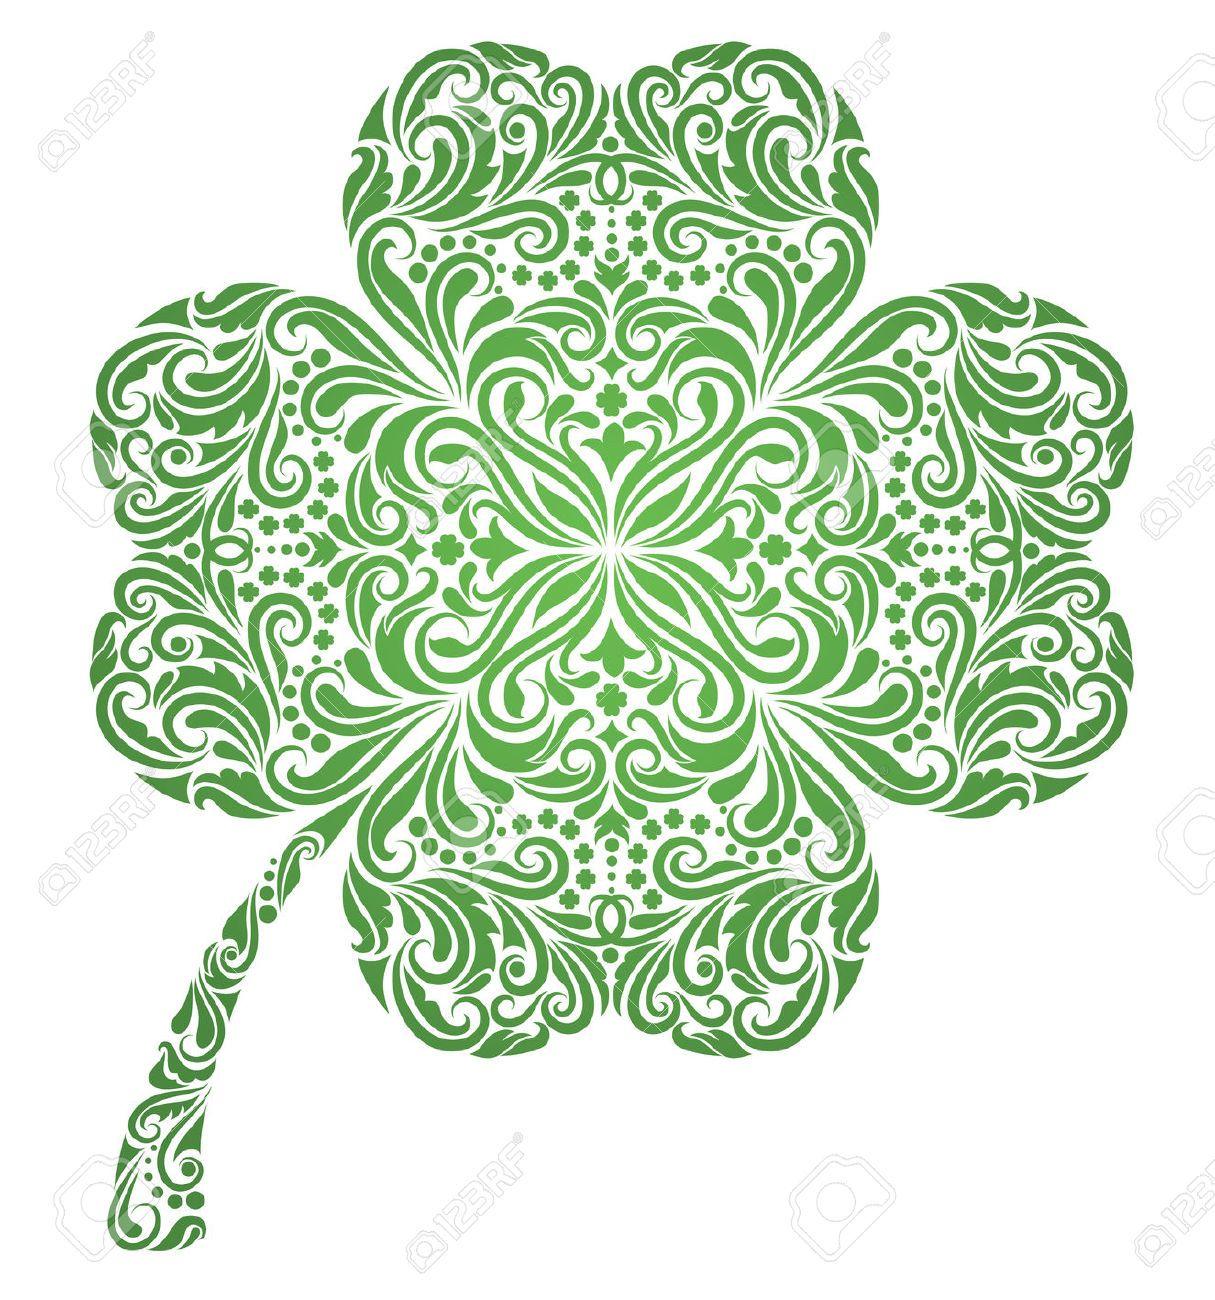 Celtic Four Leaf Clover Tattoo Google Search Clover Tattoos Four Leaf Clover Tattoo Irish Tattoos,Modern Front Gate Landscape Design